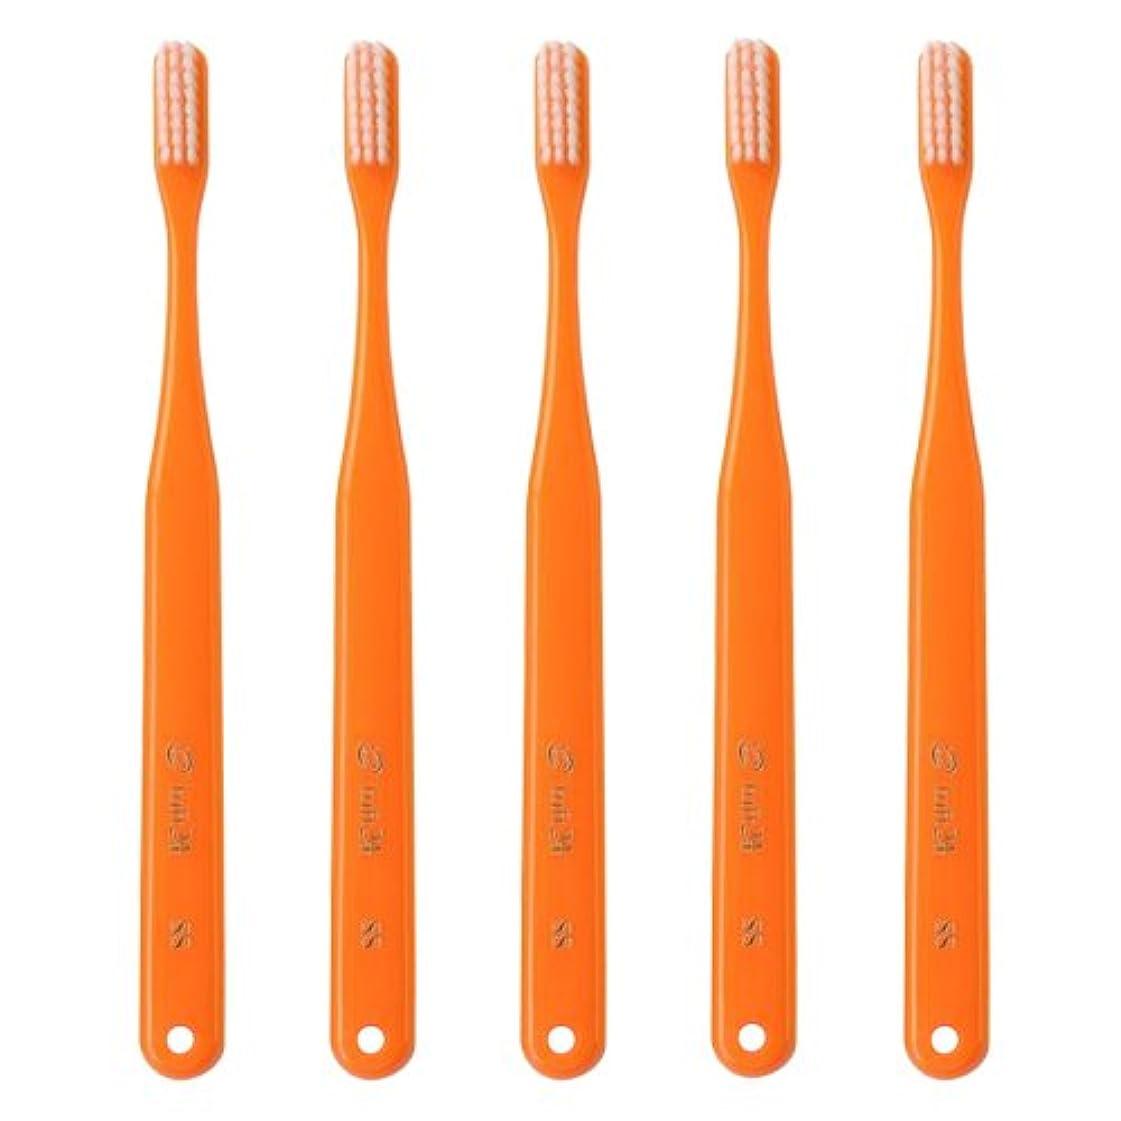 見かけ上篭揮発性タフト24 歯ブラシ 10本セット SS キャップなし (オレンジ)